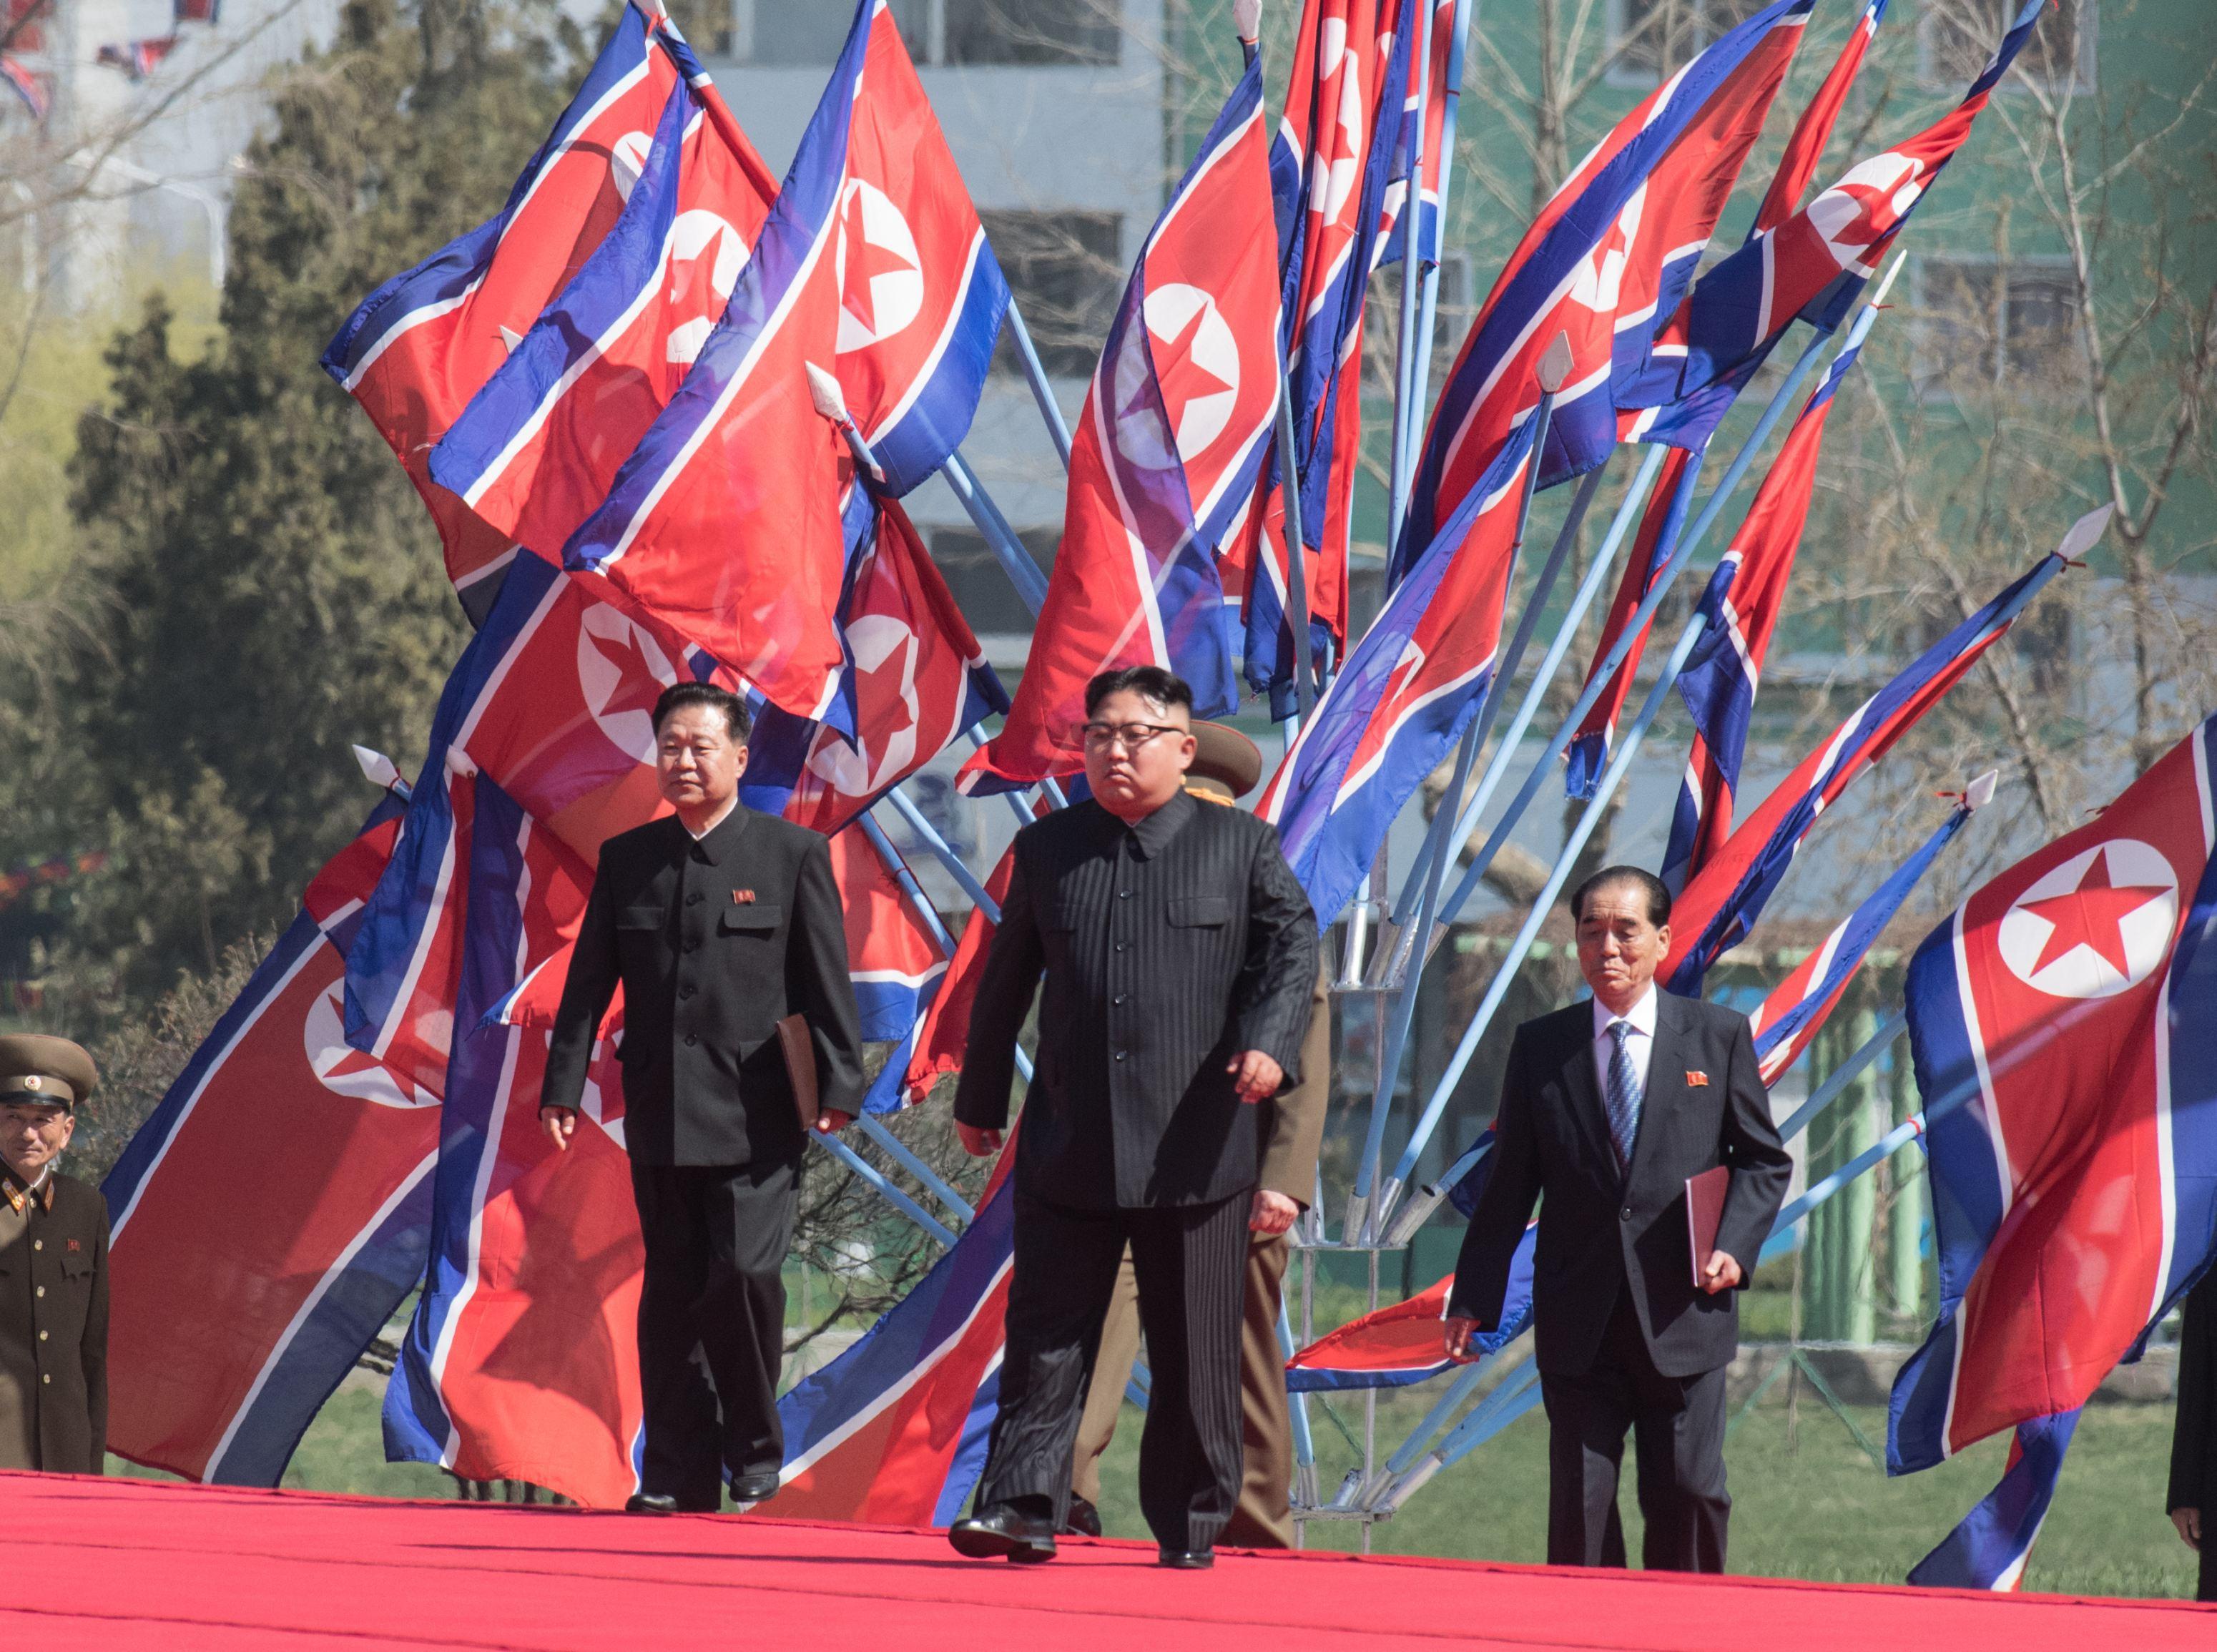 Coreea de Nord redeschide canalul de comunicare cu sud-coreenii/ Kim Jong-Un, mulţumit de răspunsul primit la oferta sa de pace